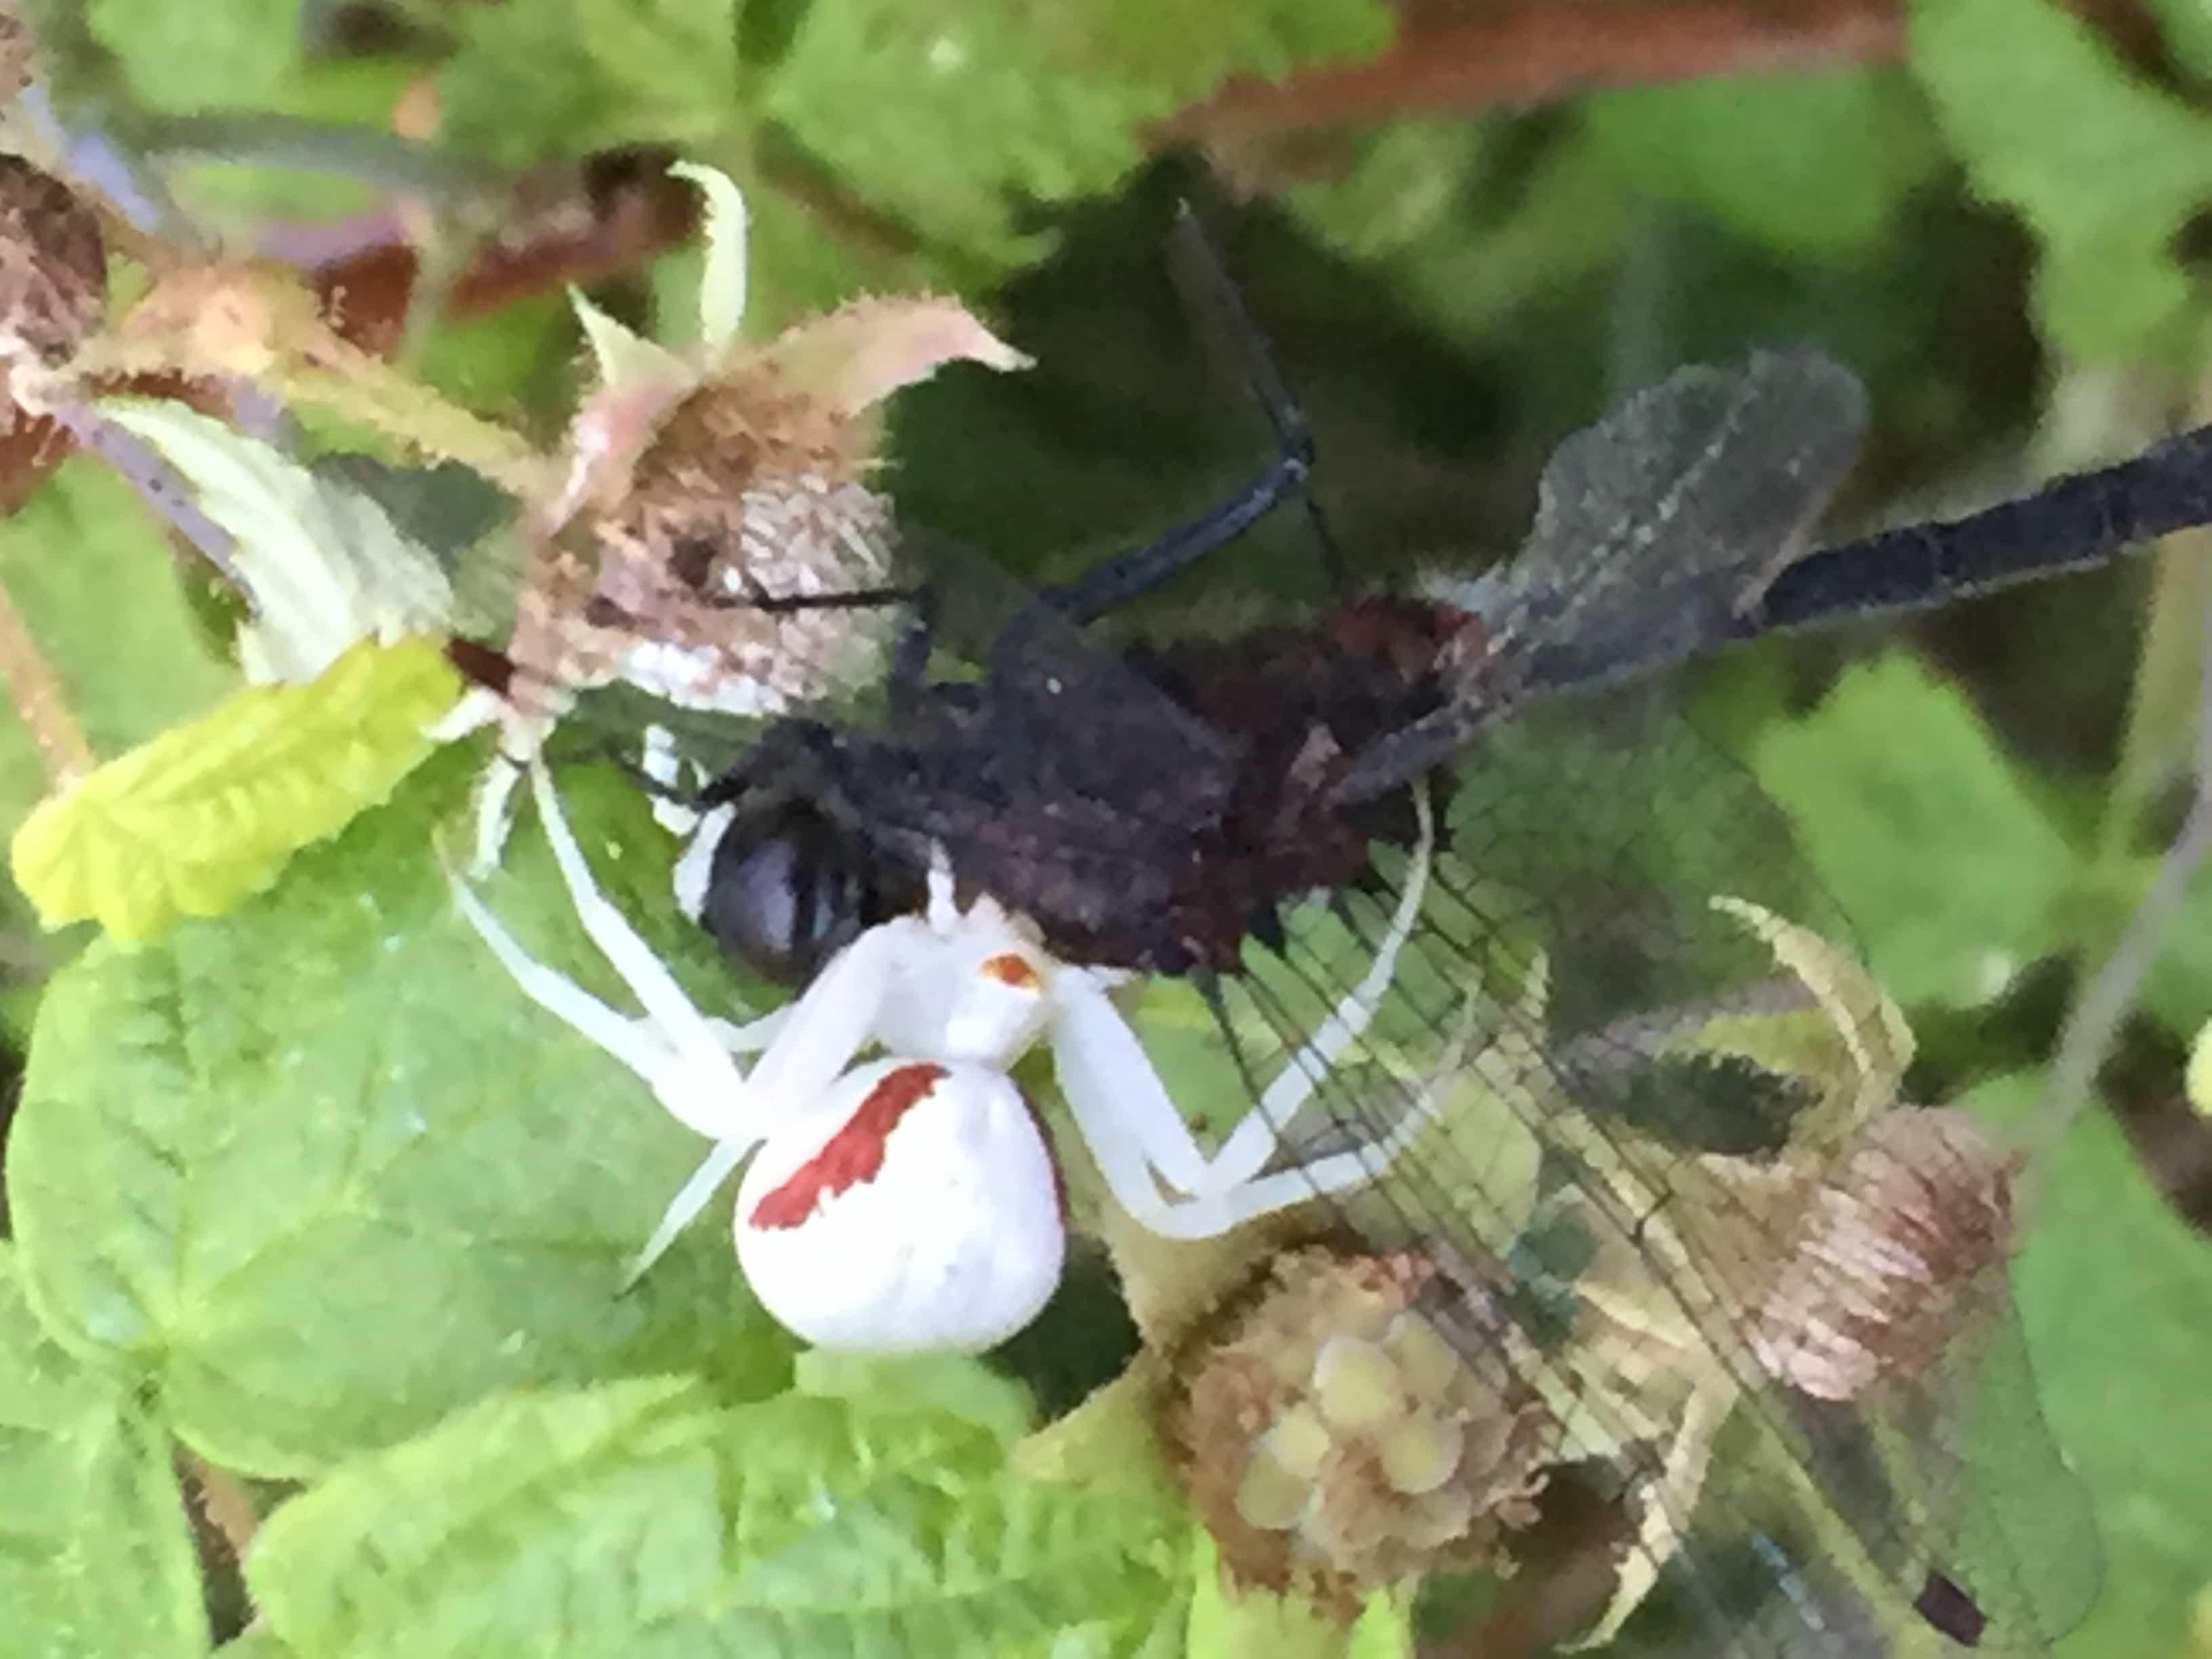 Picture of Misumena vatia (Golden-rod Crab Spider) - Female - Dorsal,Prey